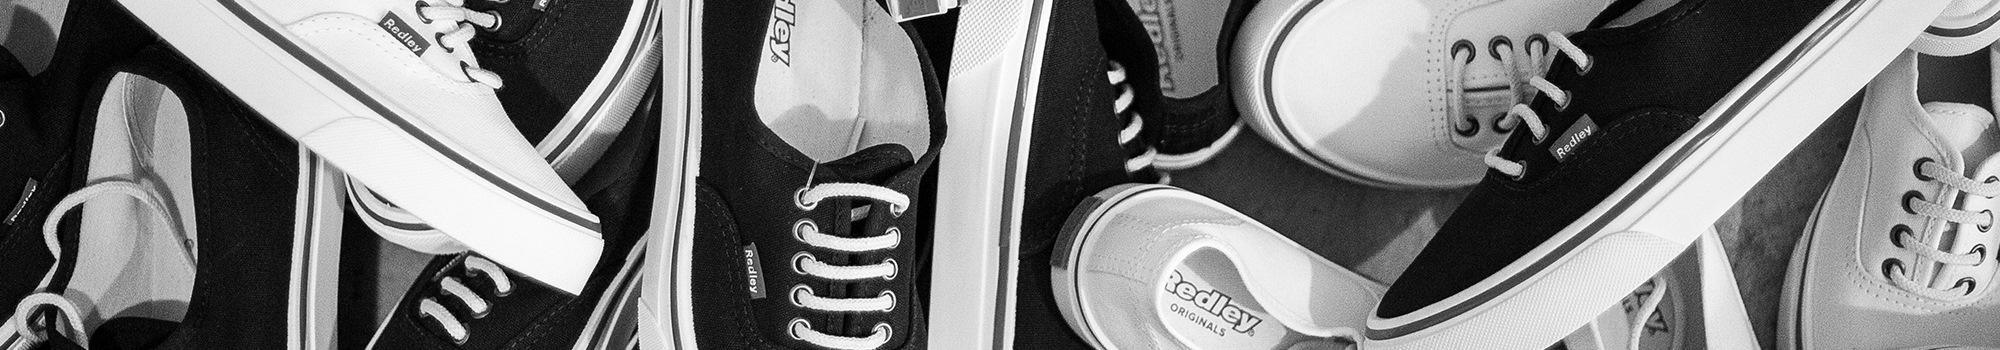 Calçados-Mobile